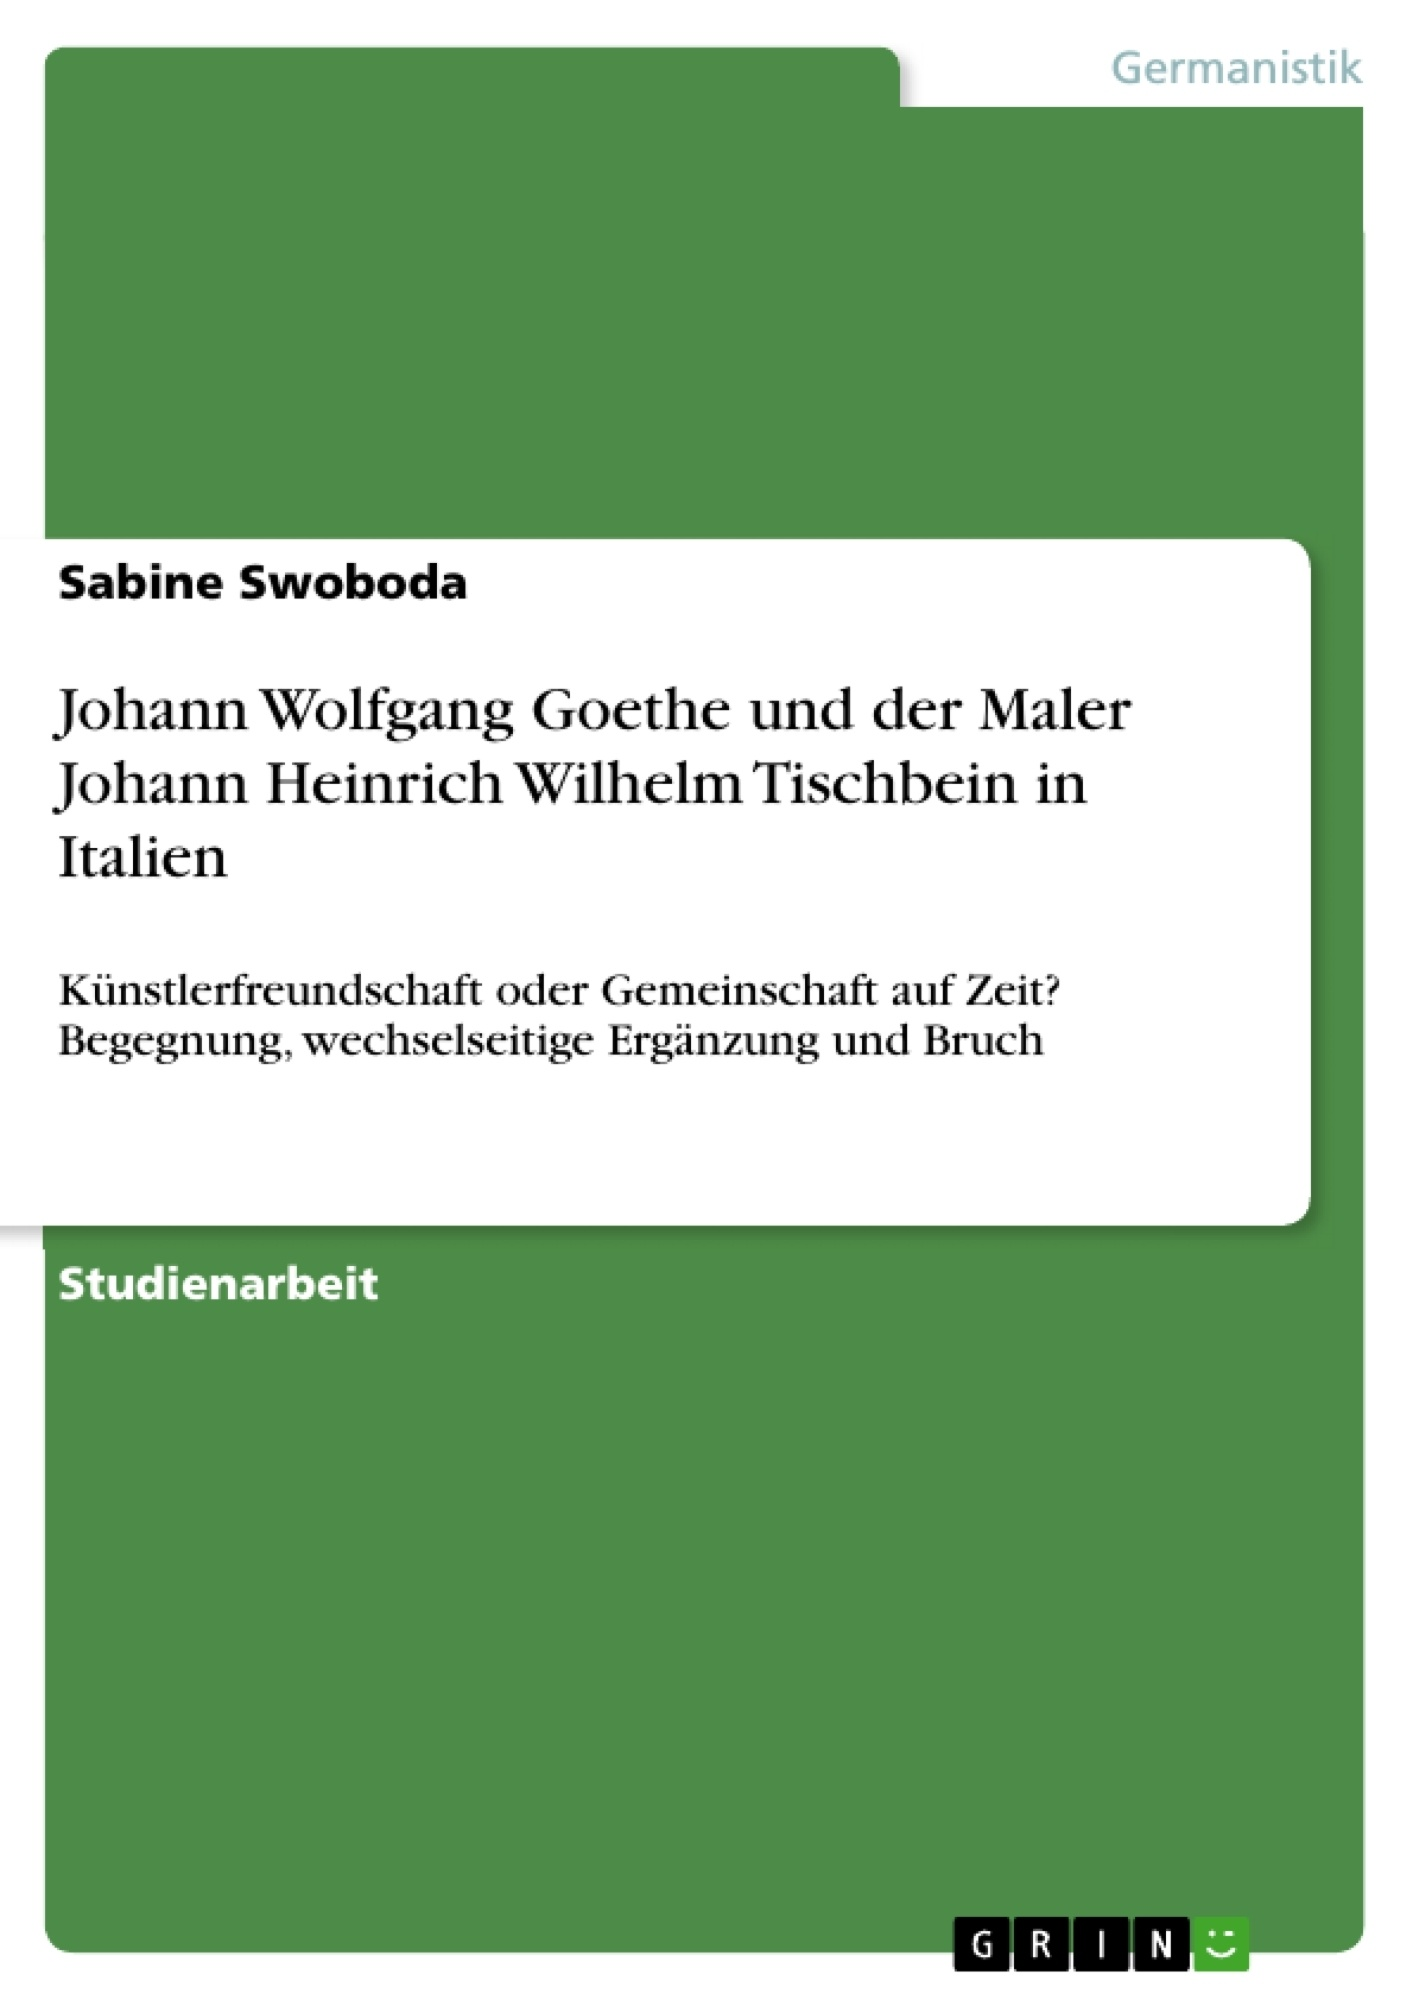 Titel: Johann Wolfgang Goethe und der Maler Johann Heinrich Wilhelm Tischbein in Italien